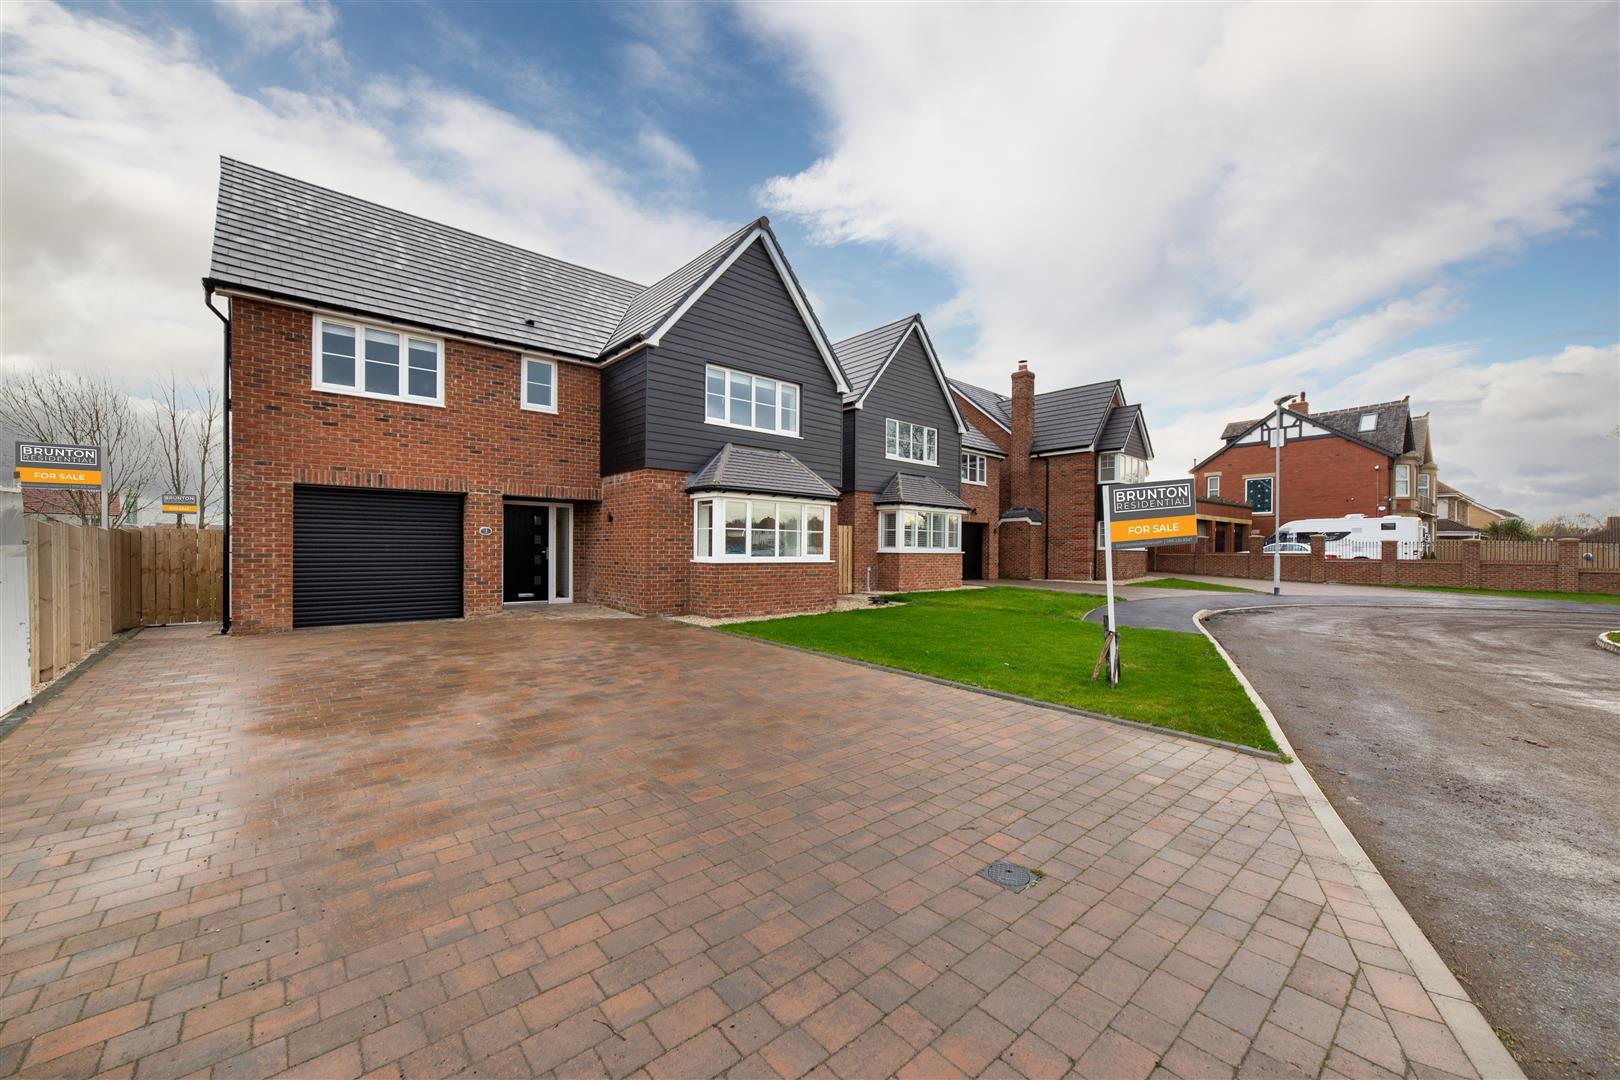 4 bed detached house for sale in Cramlington, NE23 1BD, NE23